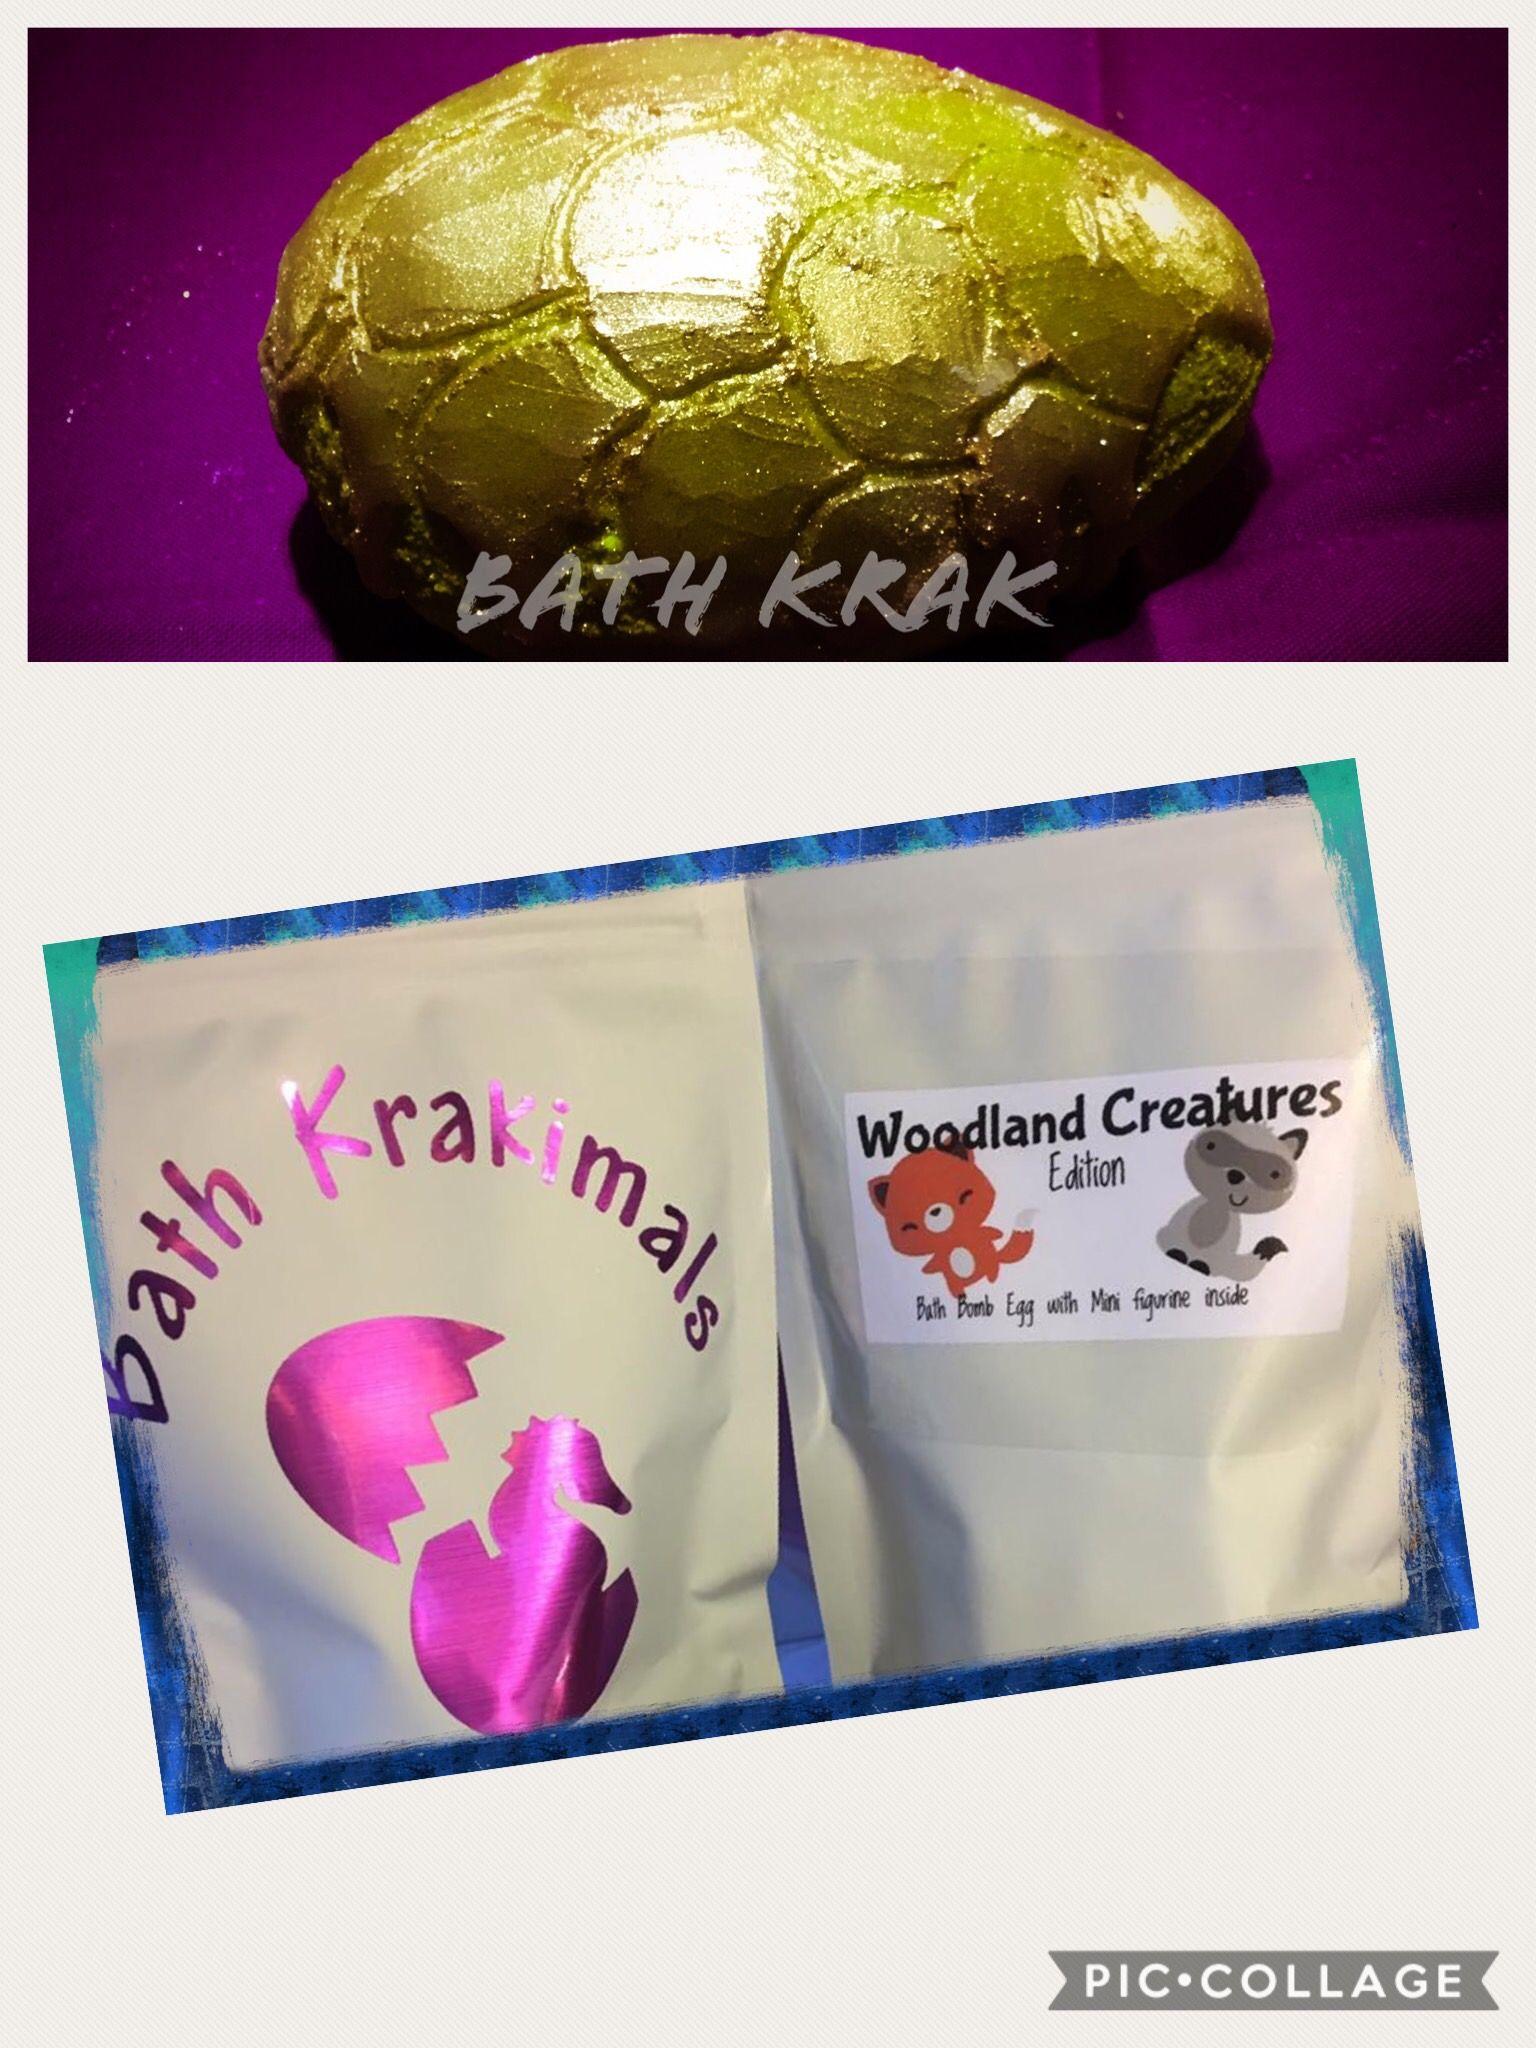 Bath bomb do it yourself bath bomb diy bath bomb bath fizzy bath bomb do it yourself bath bomb diy bath bomb bath fizzy solutioingenieria Images